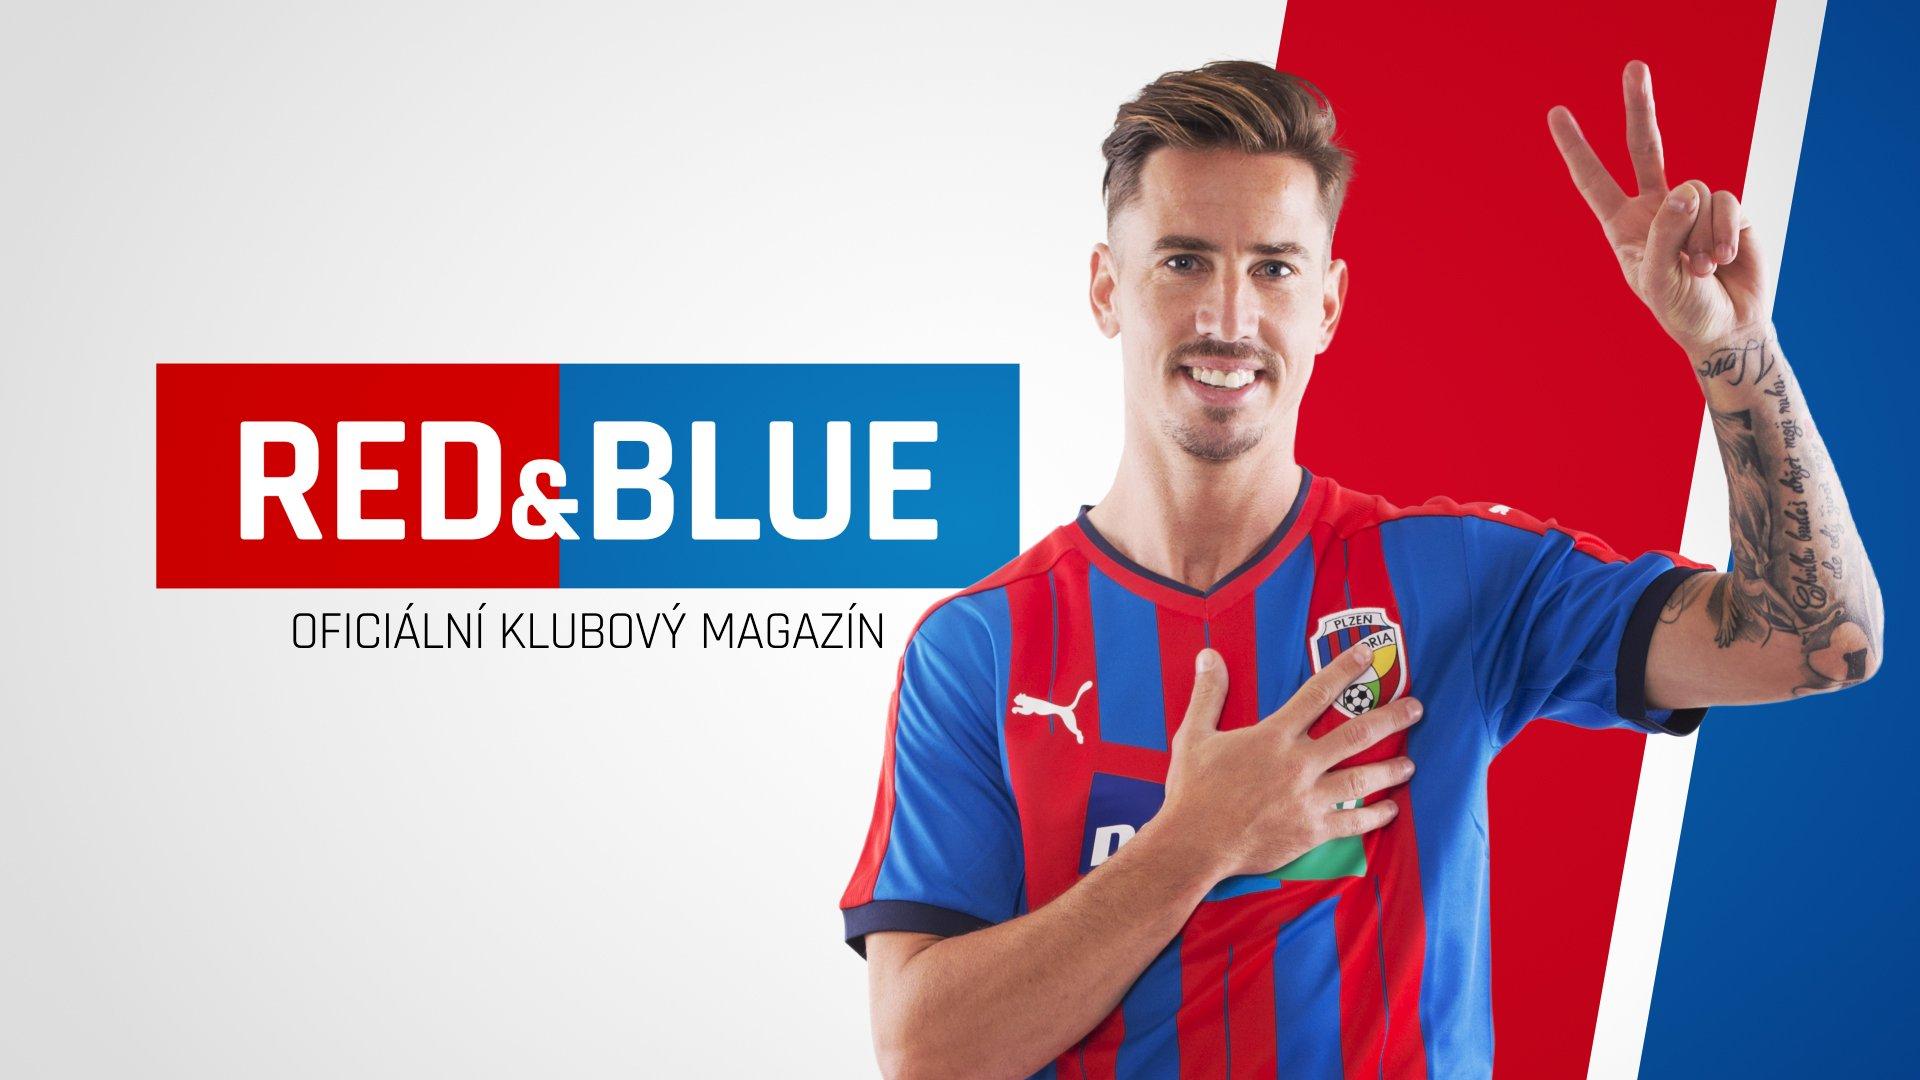 Sváteční vydání RED&BLUE (46.): Milan Petržela a Velikonoce! Jak se mu vydařil trojboj?